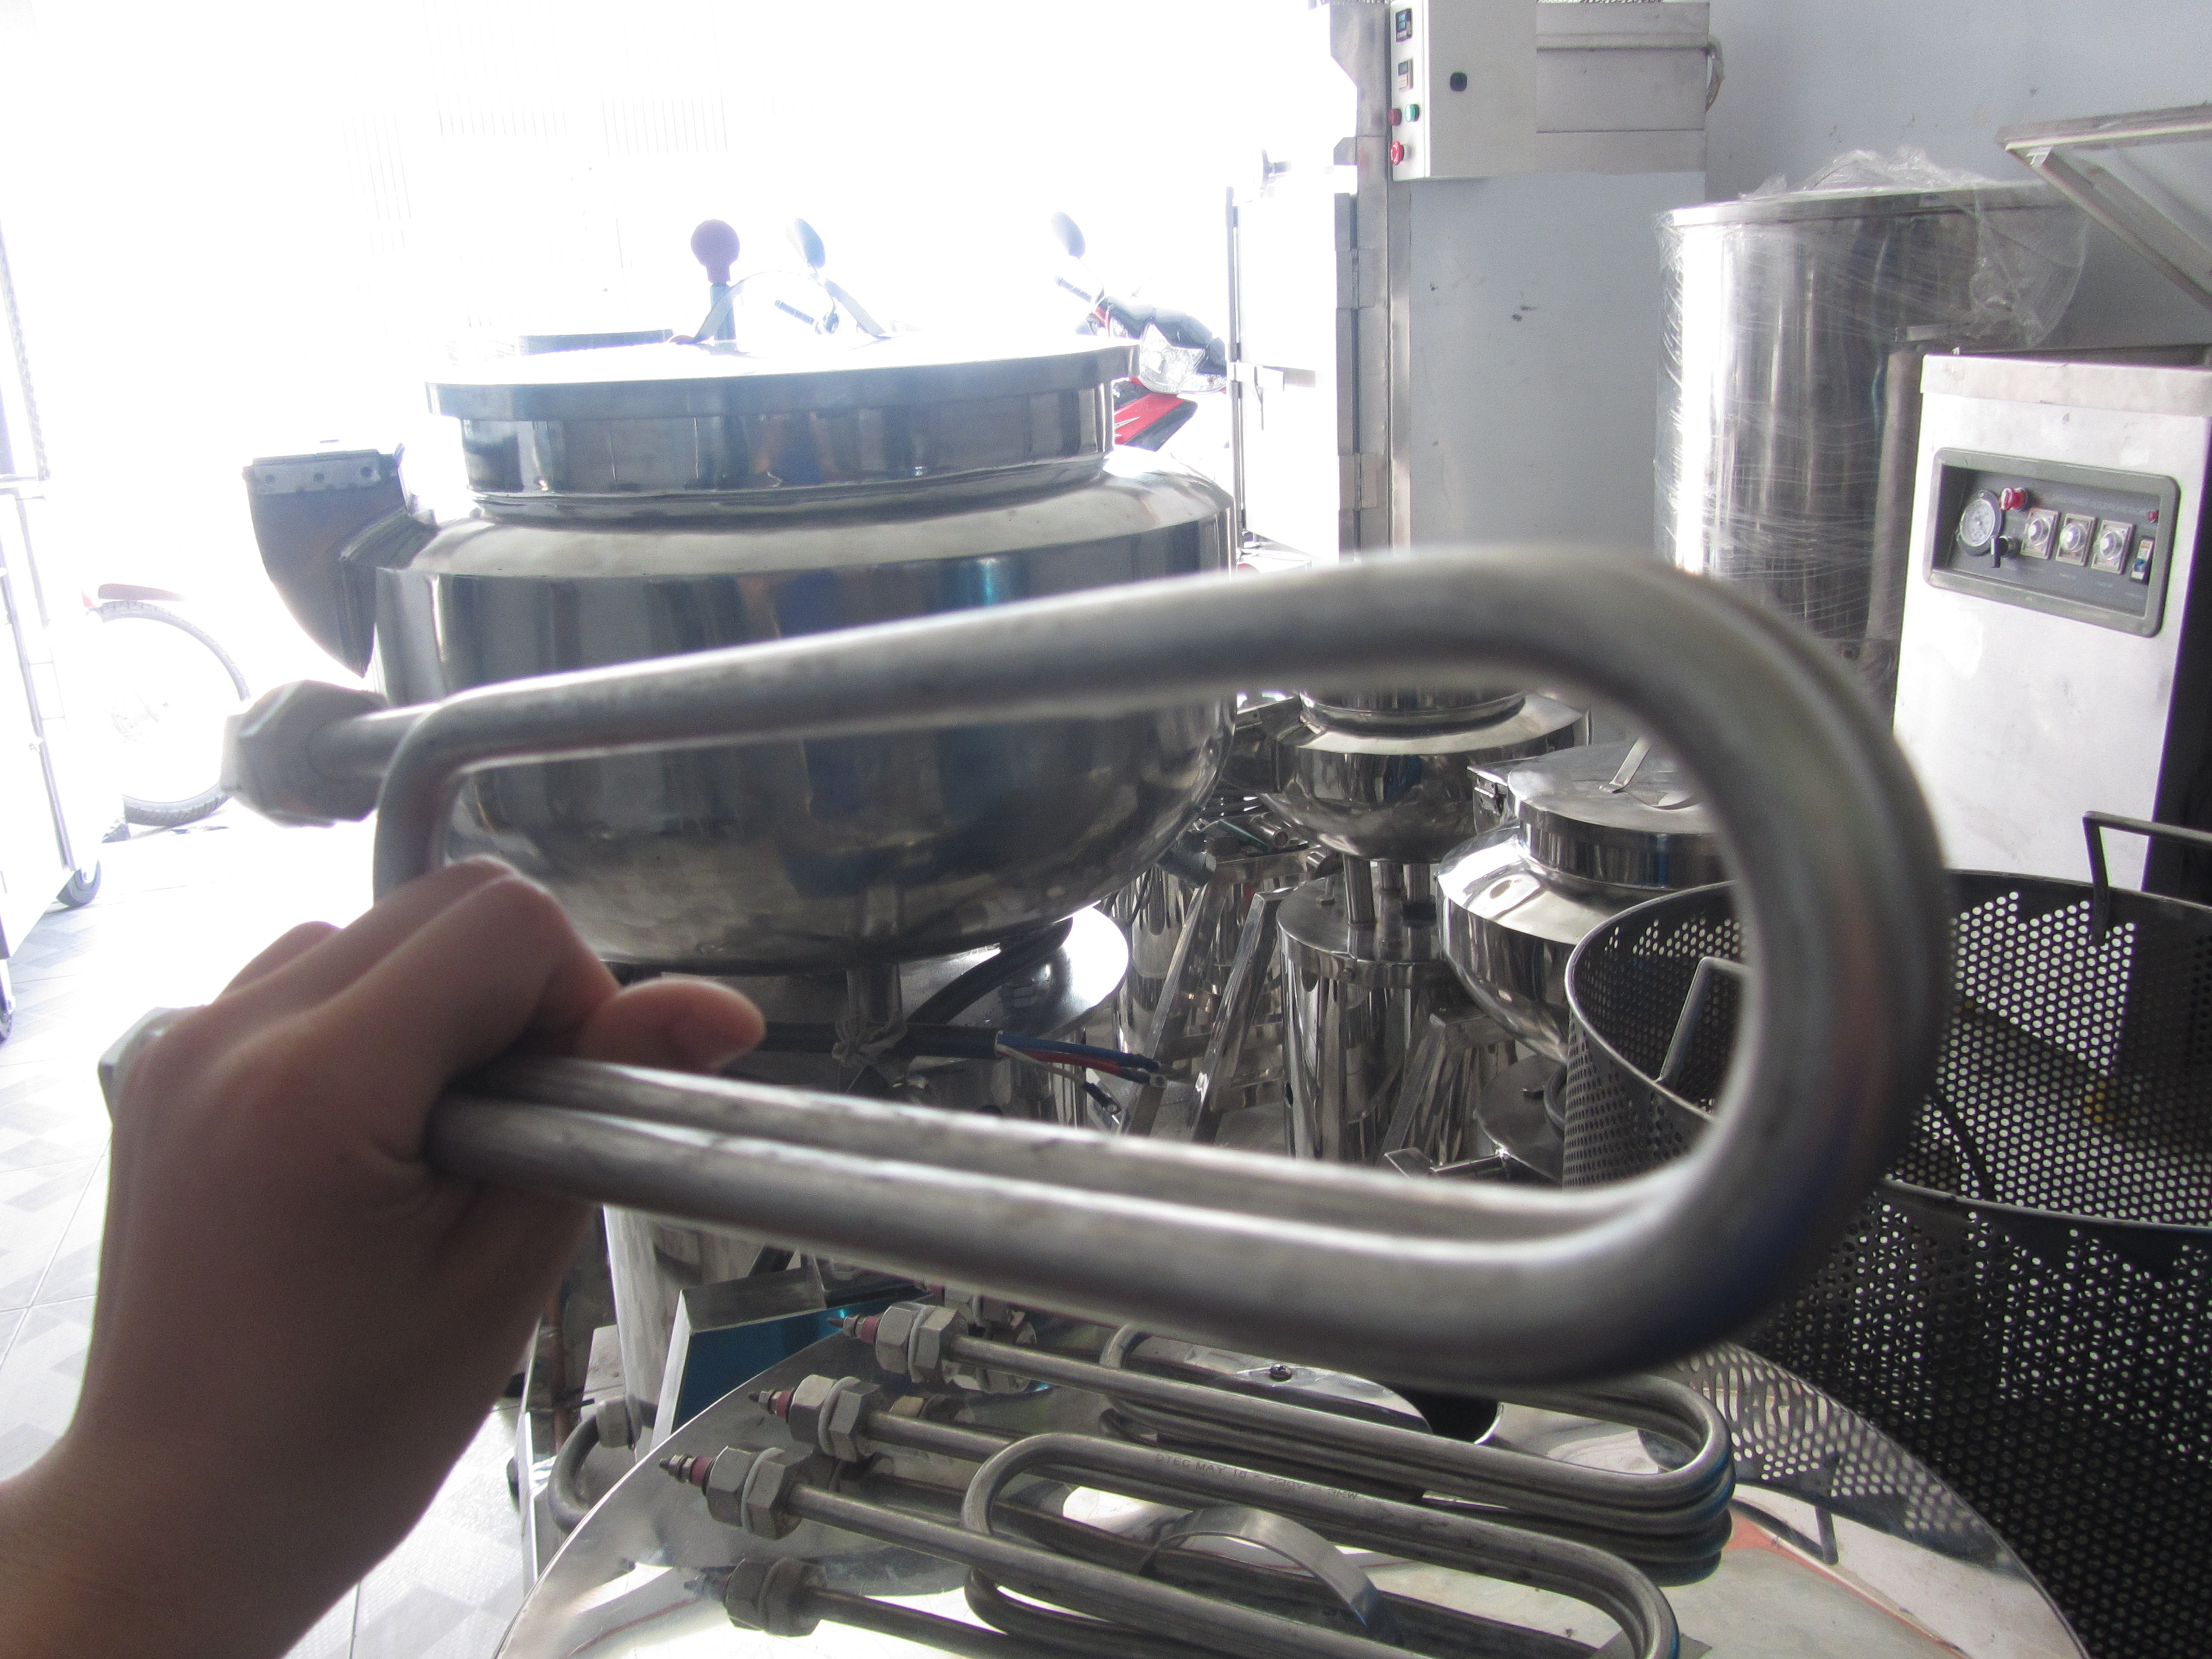 Thanh nhiệt tủ nấu cơm công nghiệp